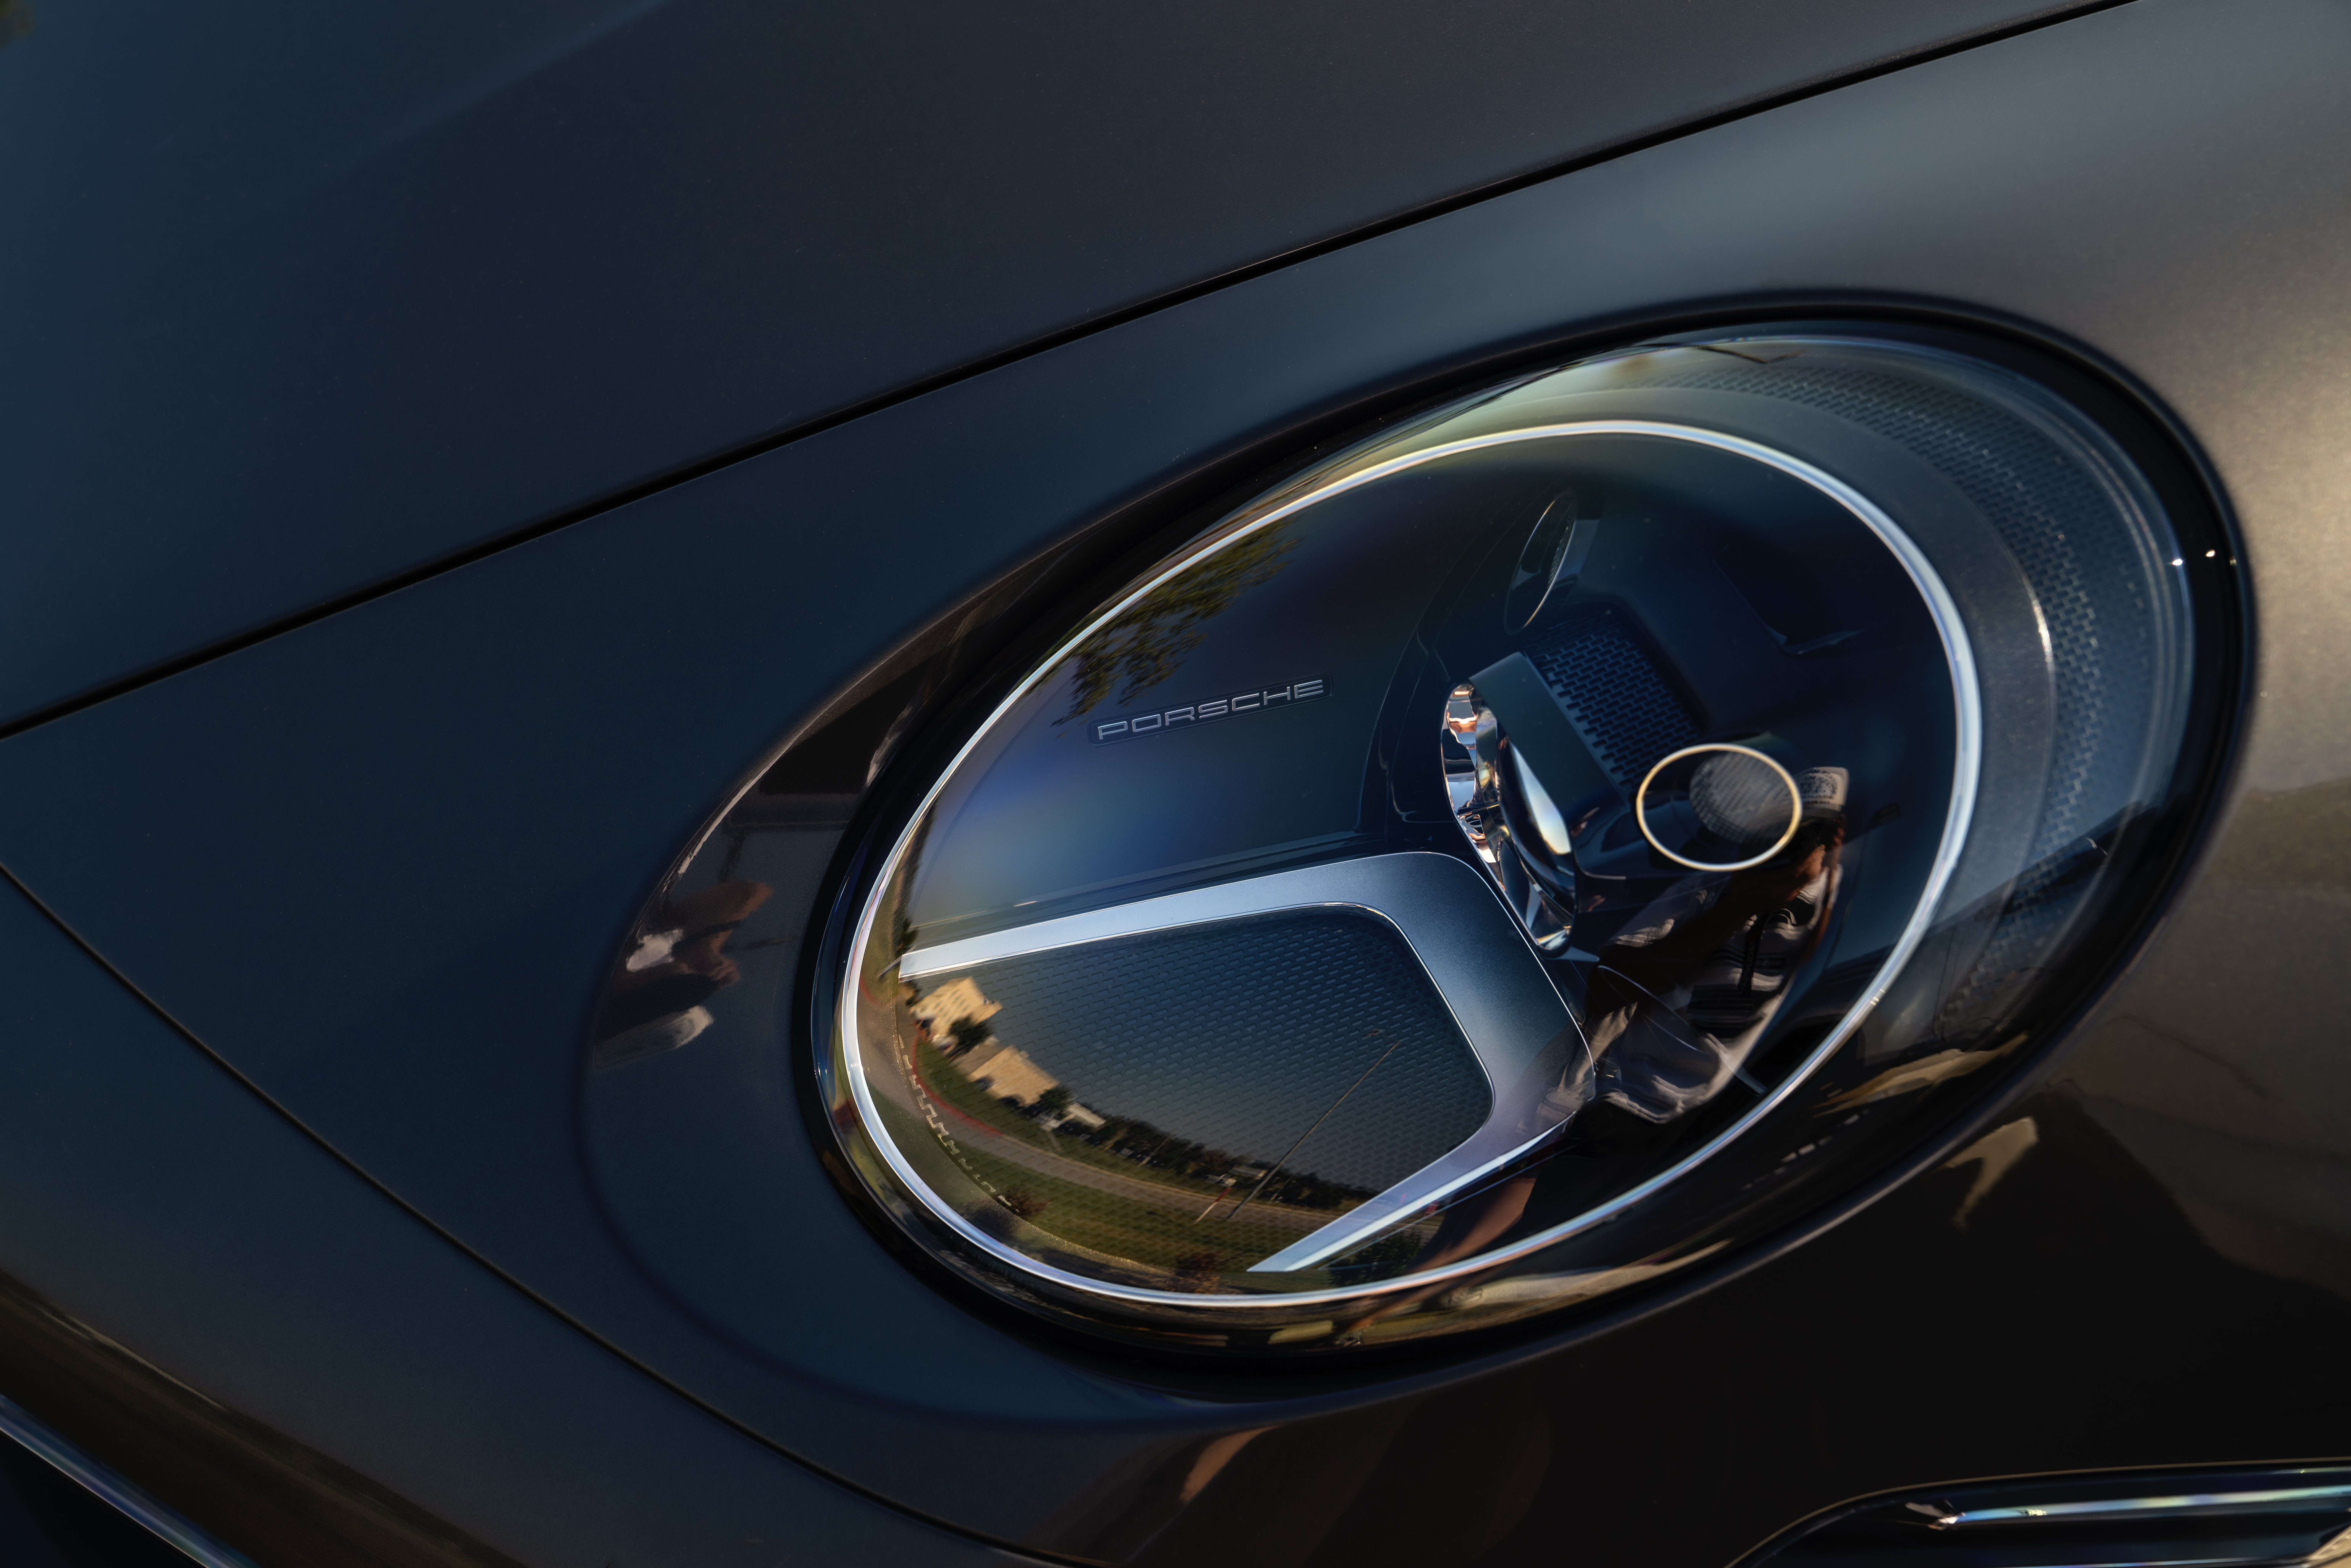 Porsche 911 headlight